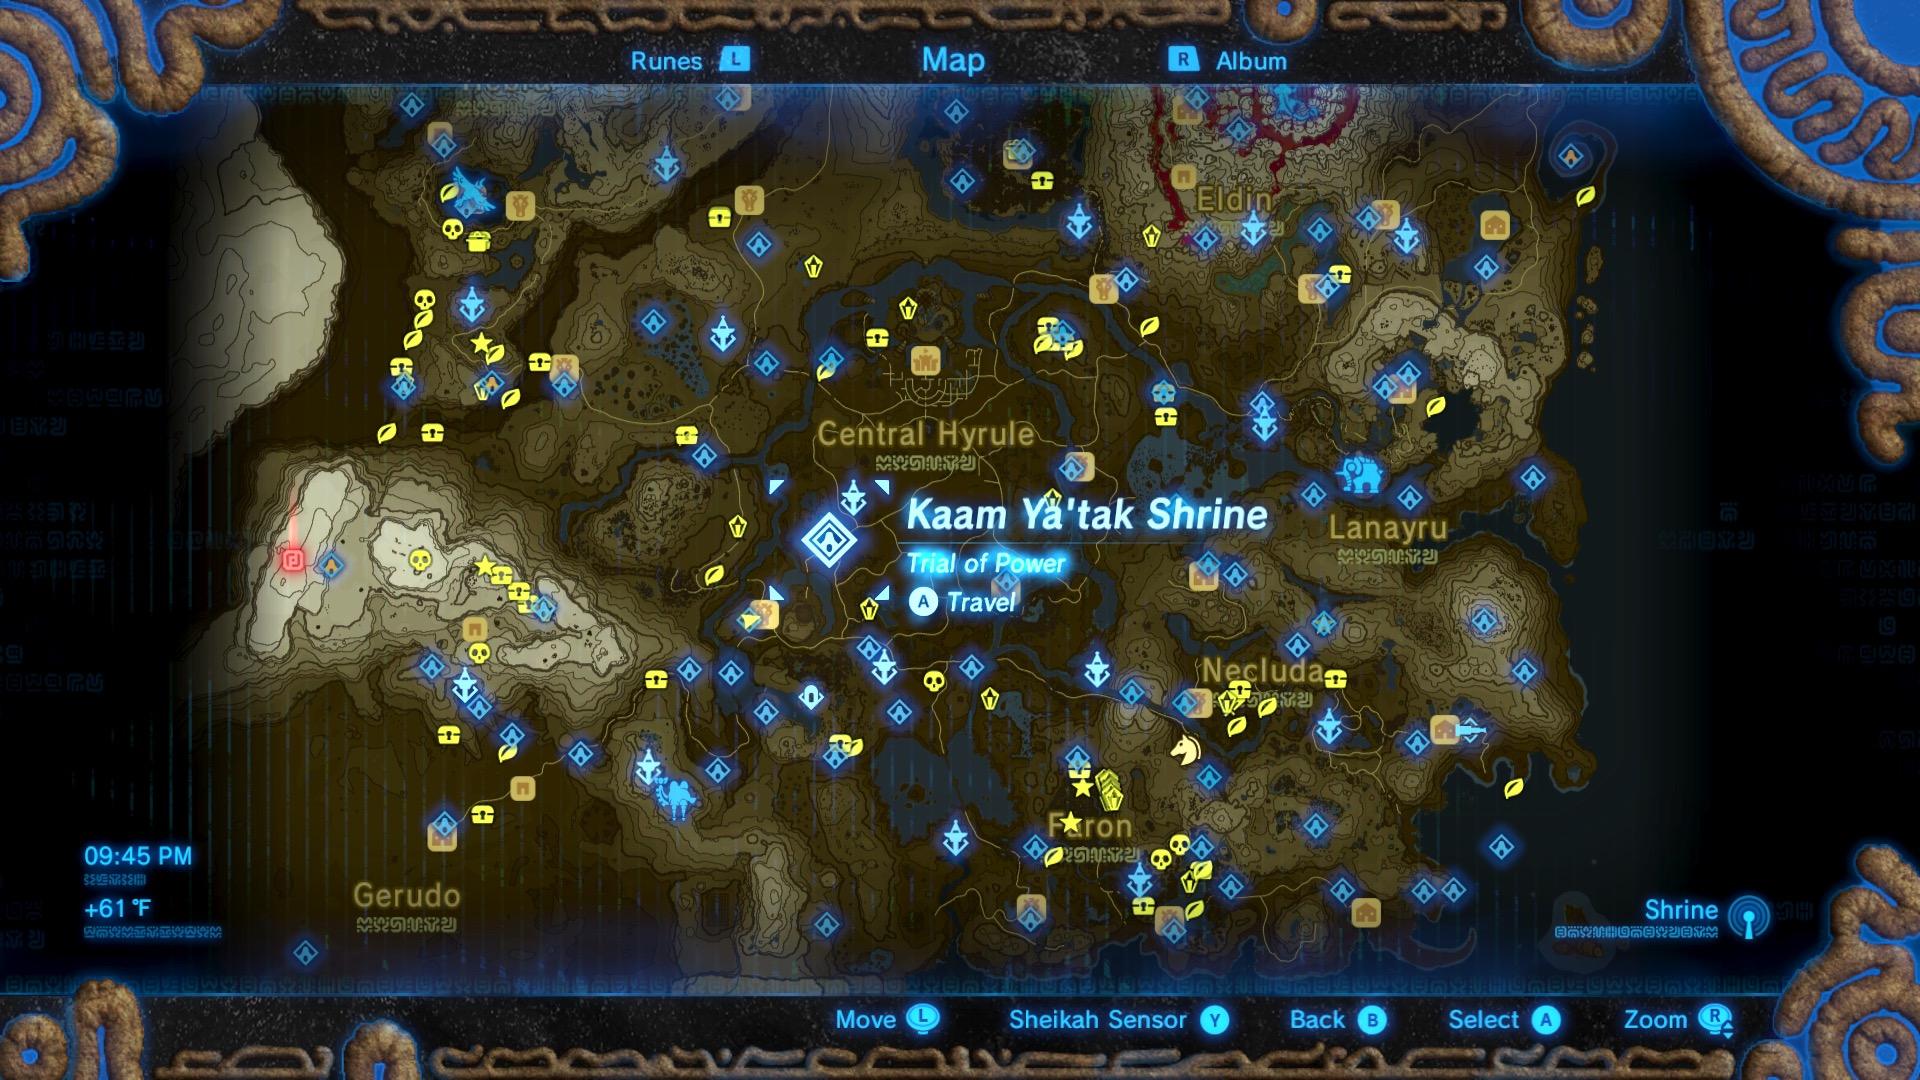 Zelda: Breath of the Wild guide: Kaam Ya'tak shrine